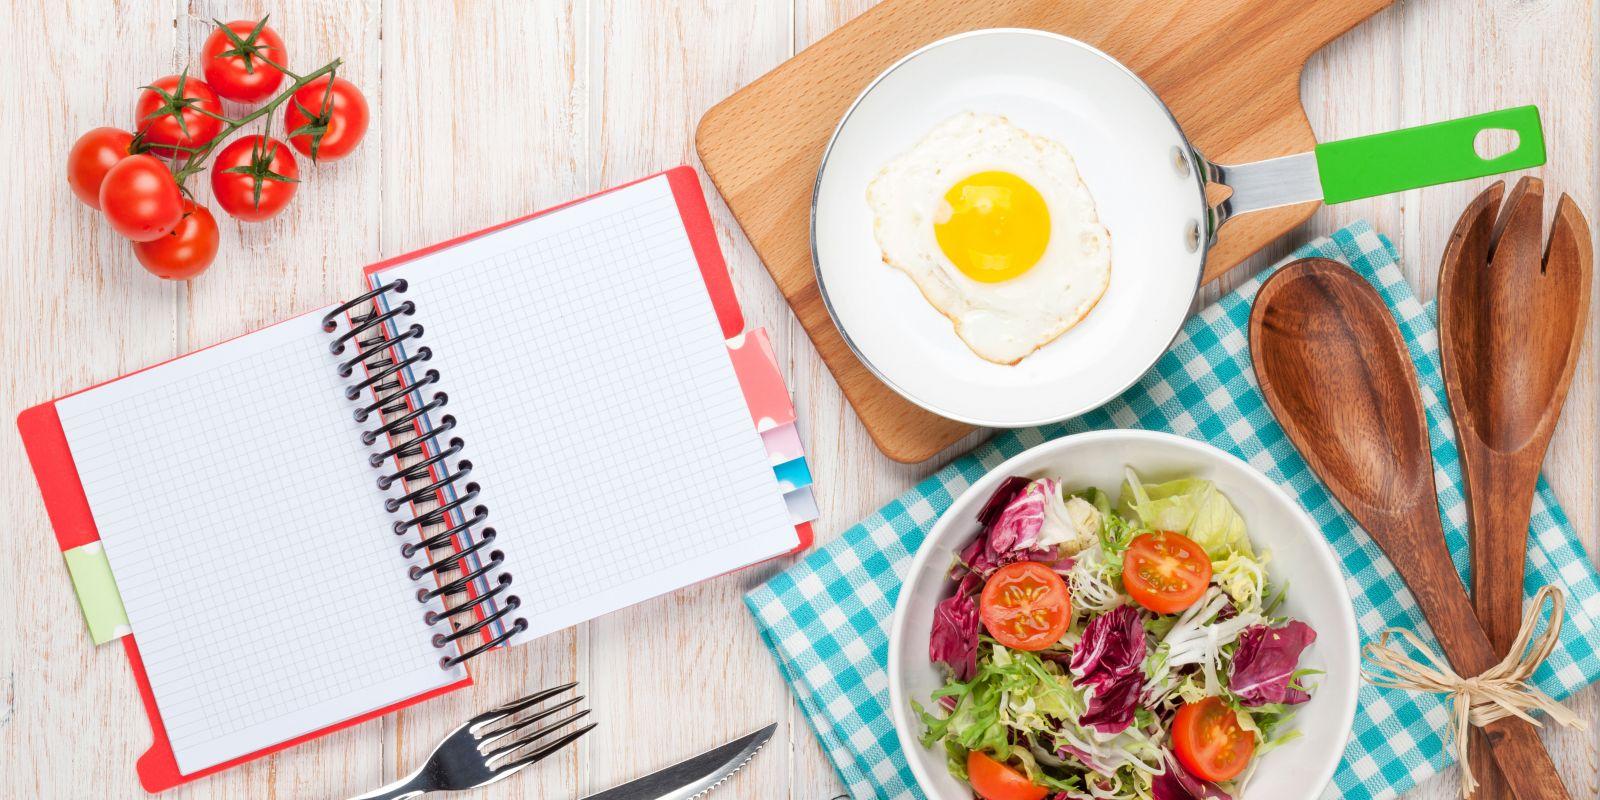 Die größten Mythen und Fehler zum Thema Diät